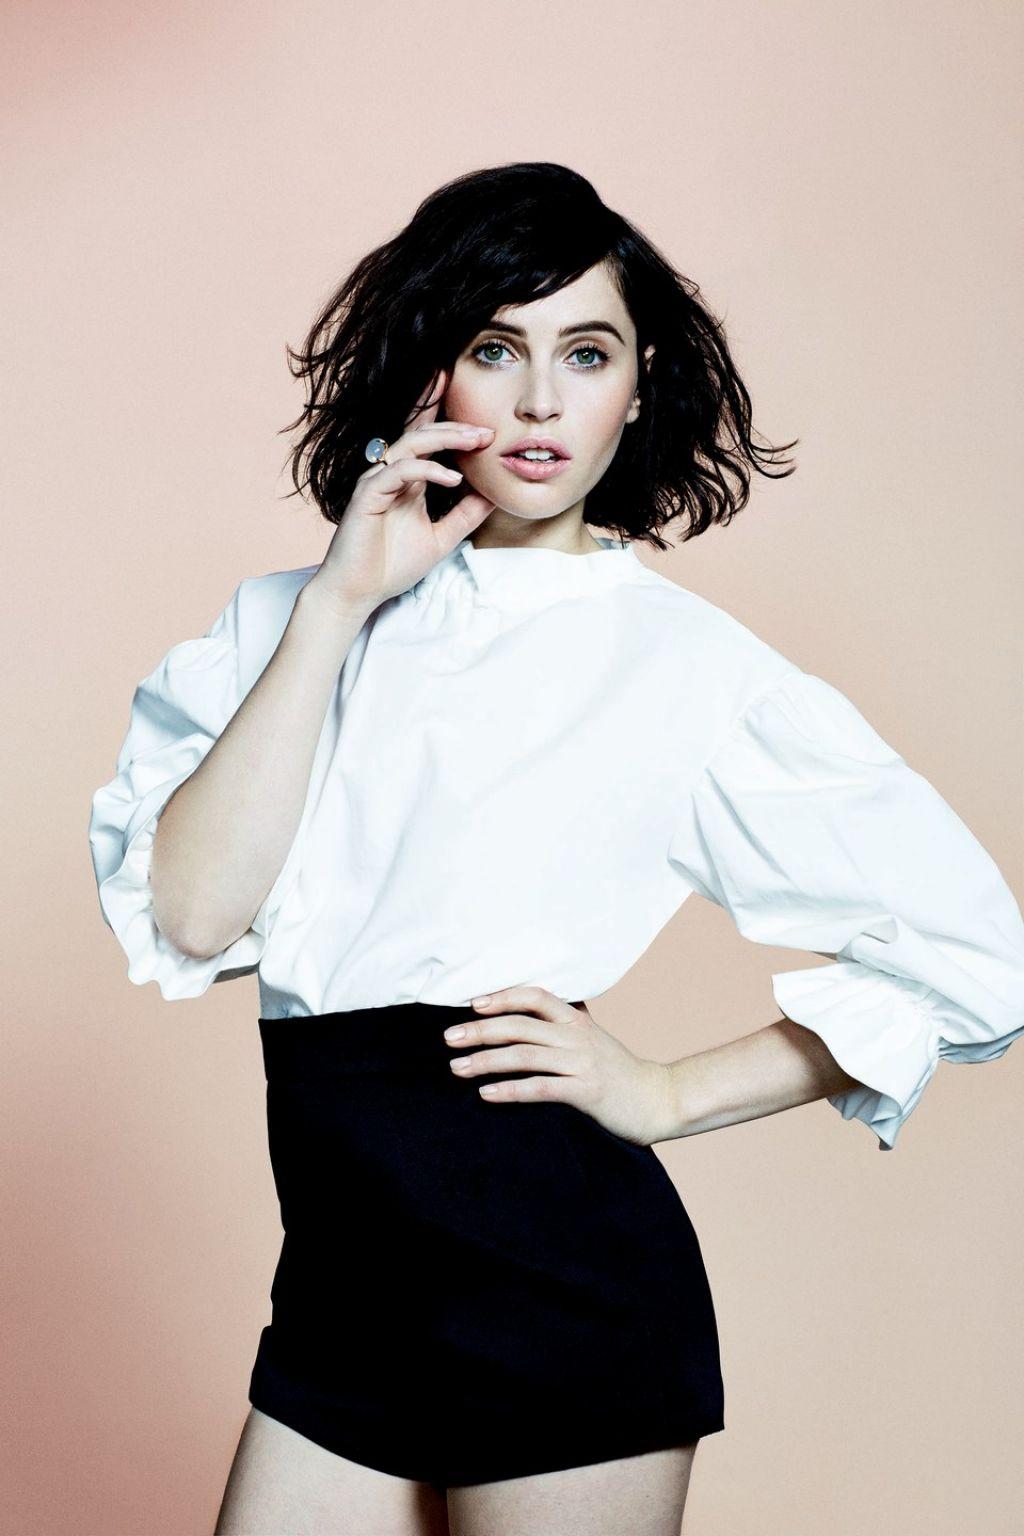 Photoshoot For Vogue Magazine November 2015: Photoshoot For You Magazine